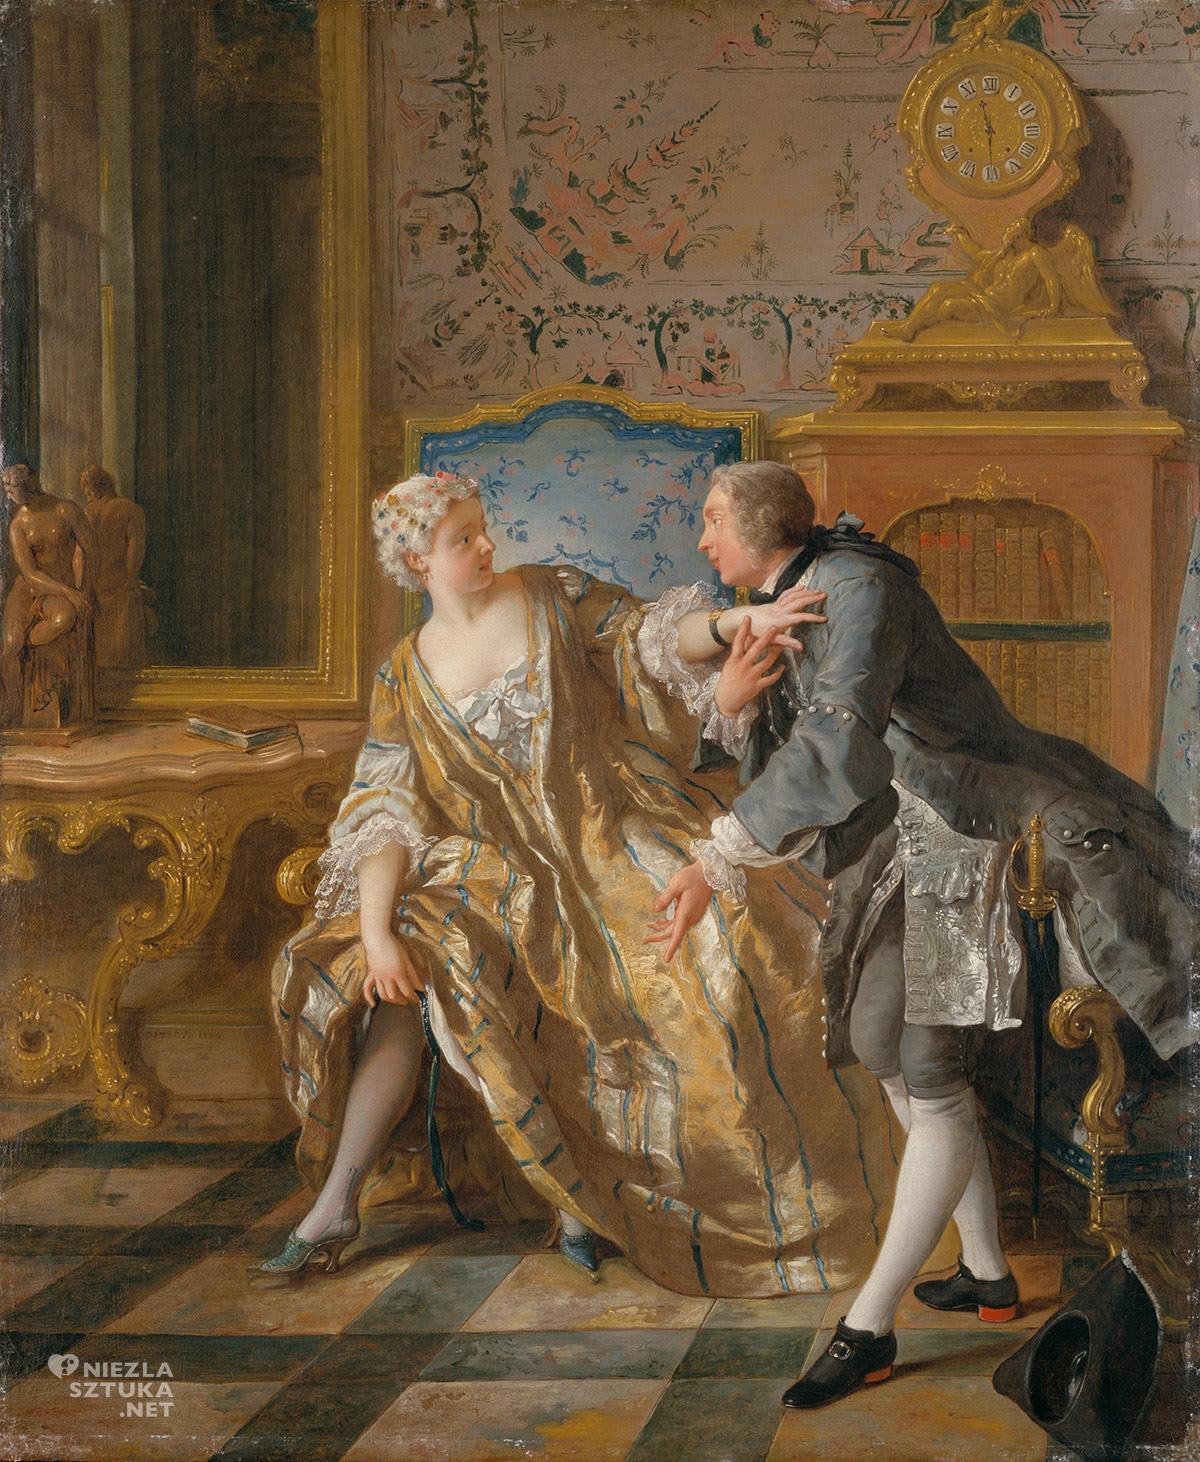 Jean-François de Troy, Podwiązka, malarstwo francuskie, rokoko, moda, Niezła sztuka